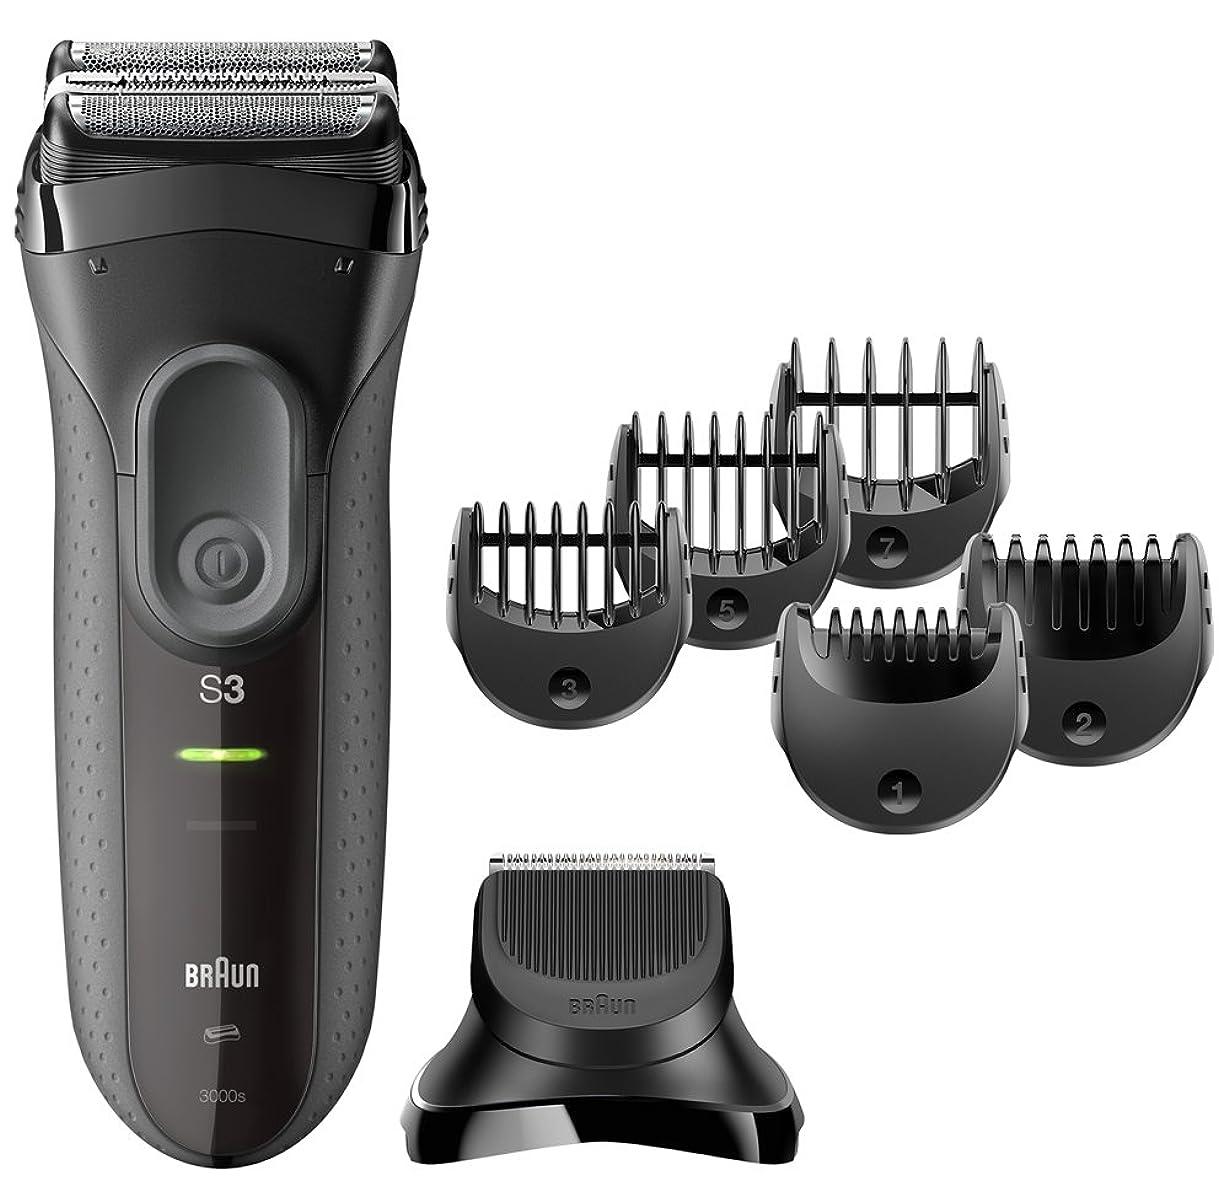 相互アンプブレス【Amazon.co.jp 限定】ブラウン メンズ電気シェーバー シリーズ3 3000s-BT 3枚刃 ヒゲトリマーアタッチメント付 水洗い可